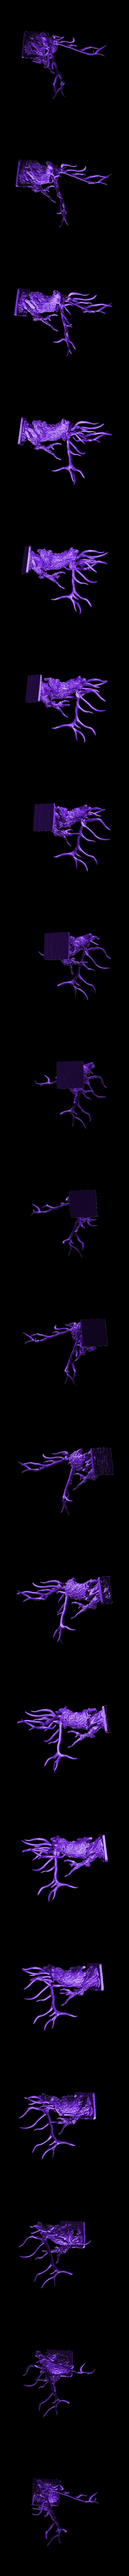 Free_Deer_Gods_Whole.stl Download free STL file The Deer Gods - Trophy Mount • 3D printing template, beldolor